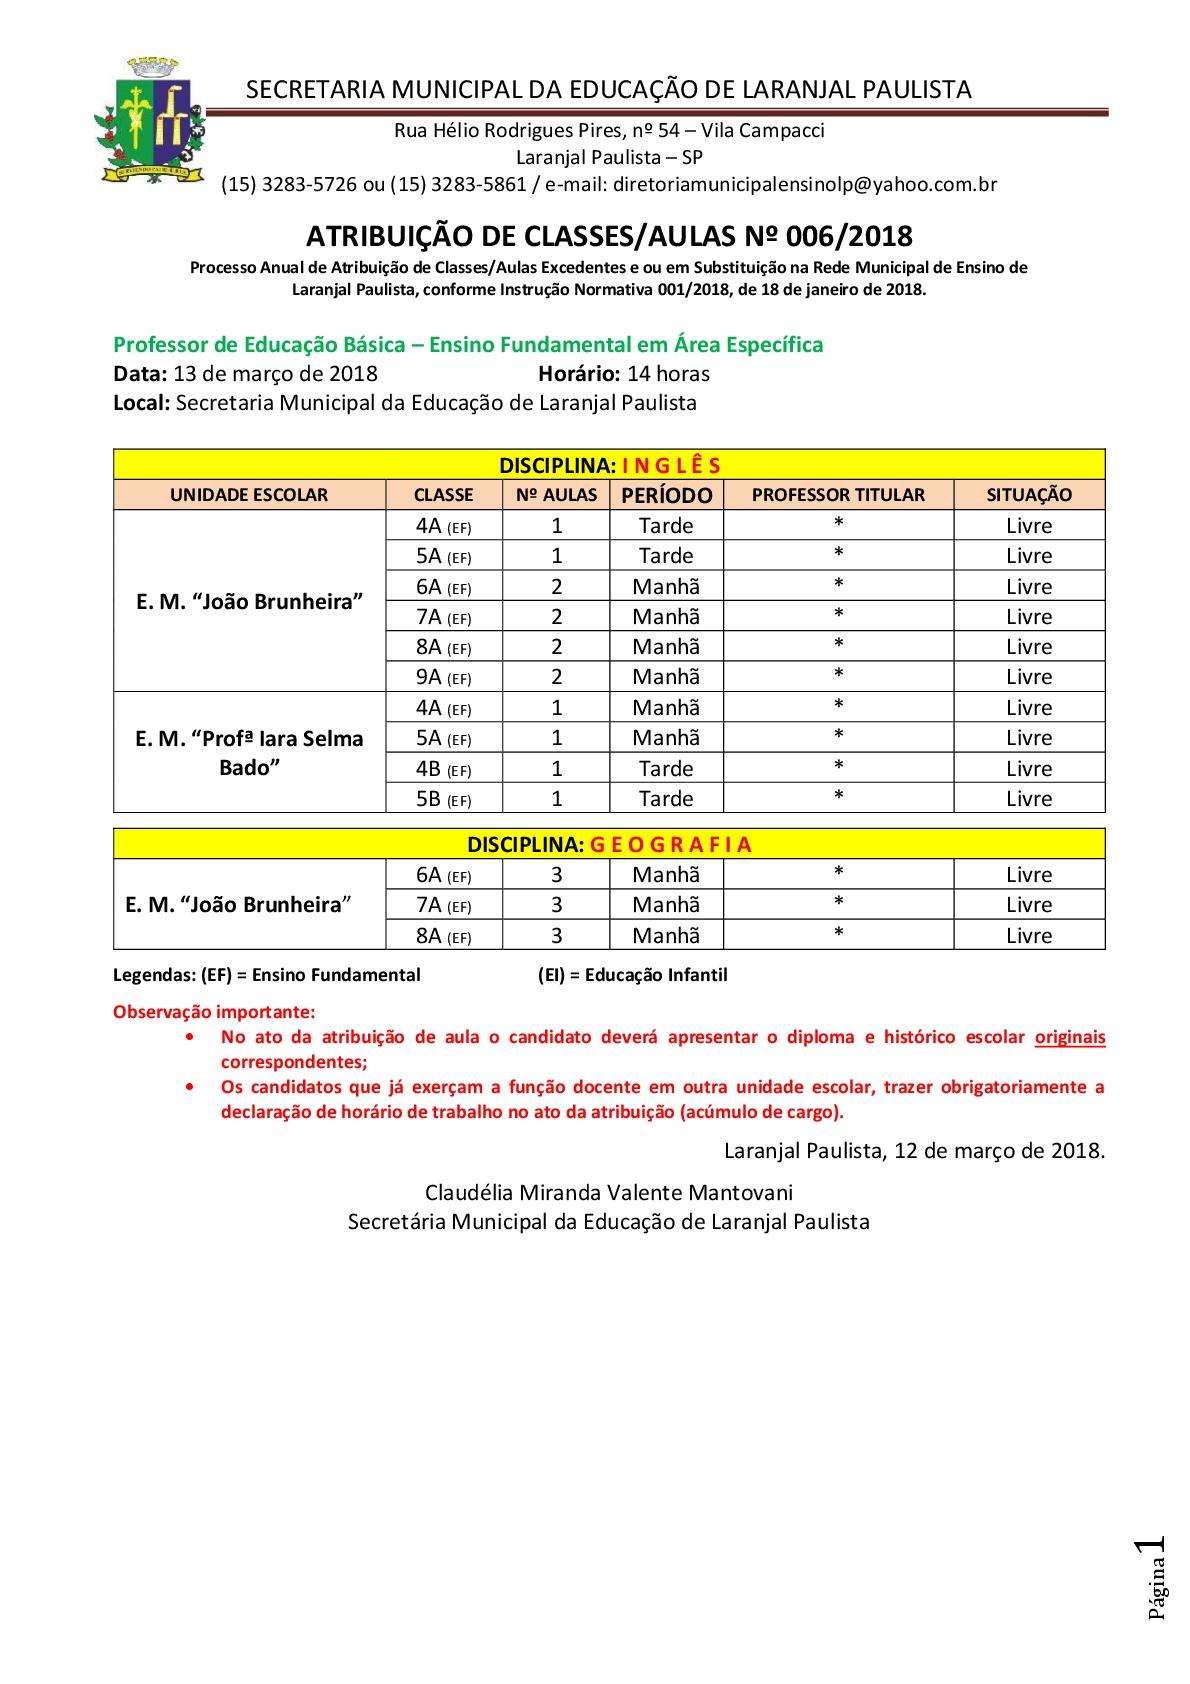 Atribuição de classes e ou aulas excedentes nº 006-2018